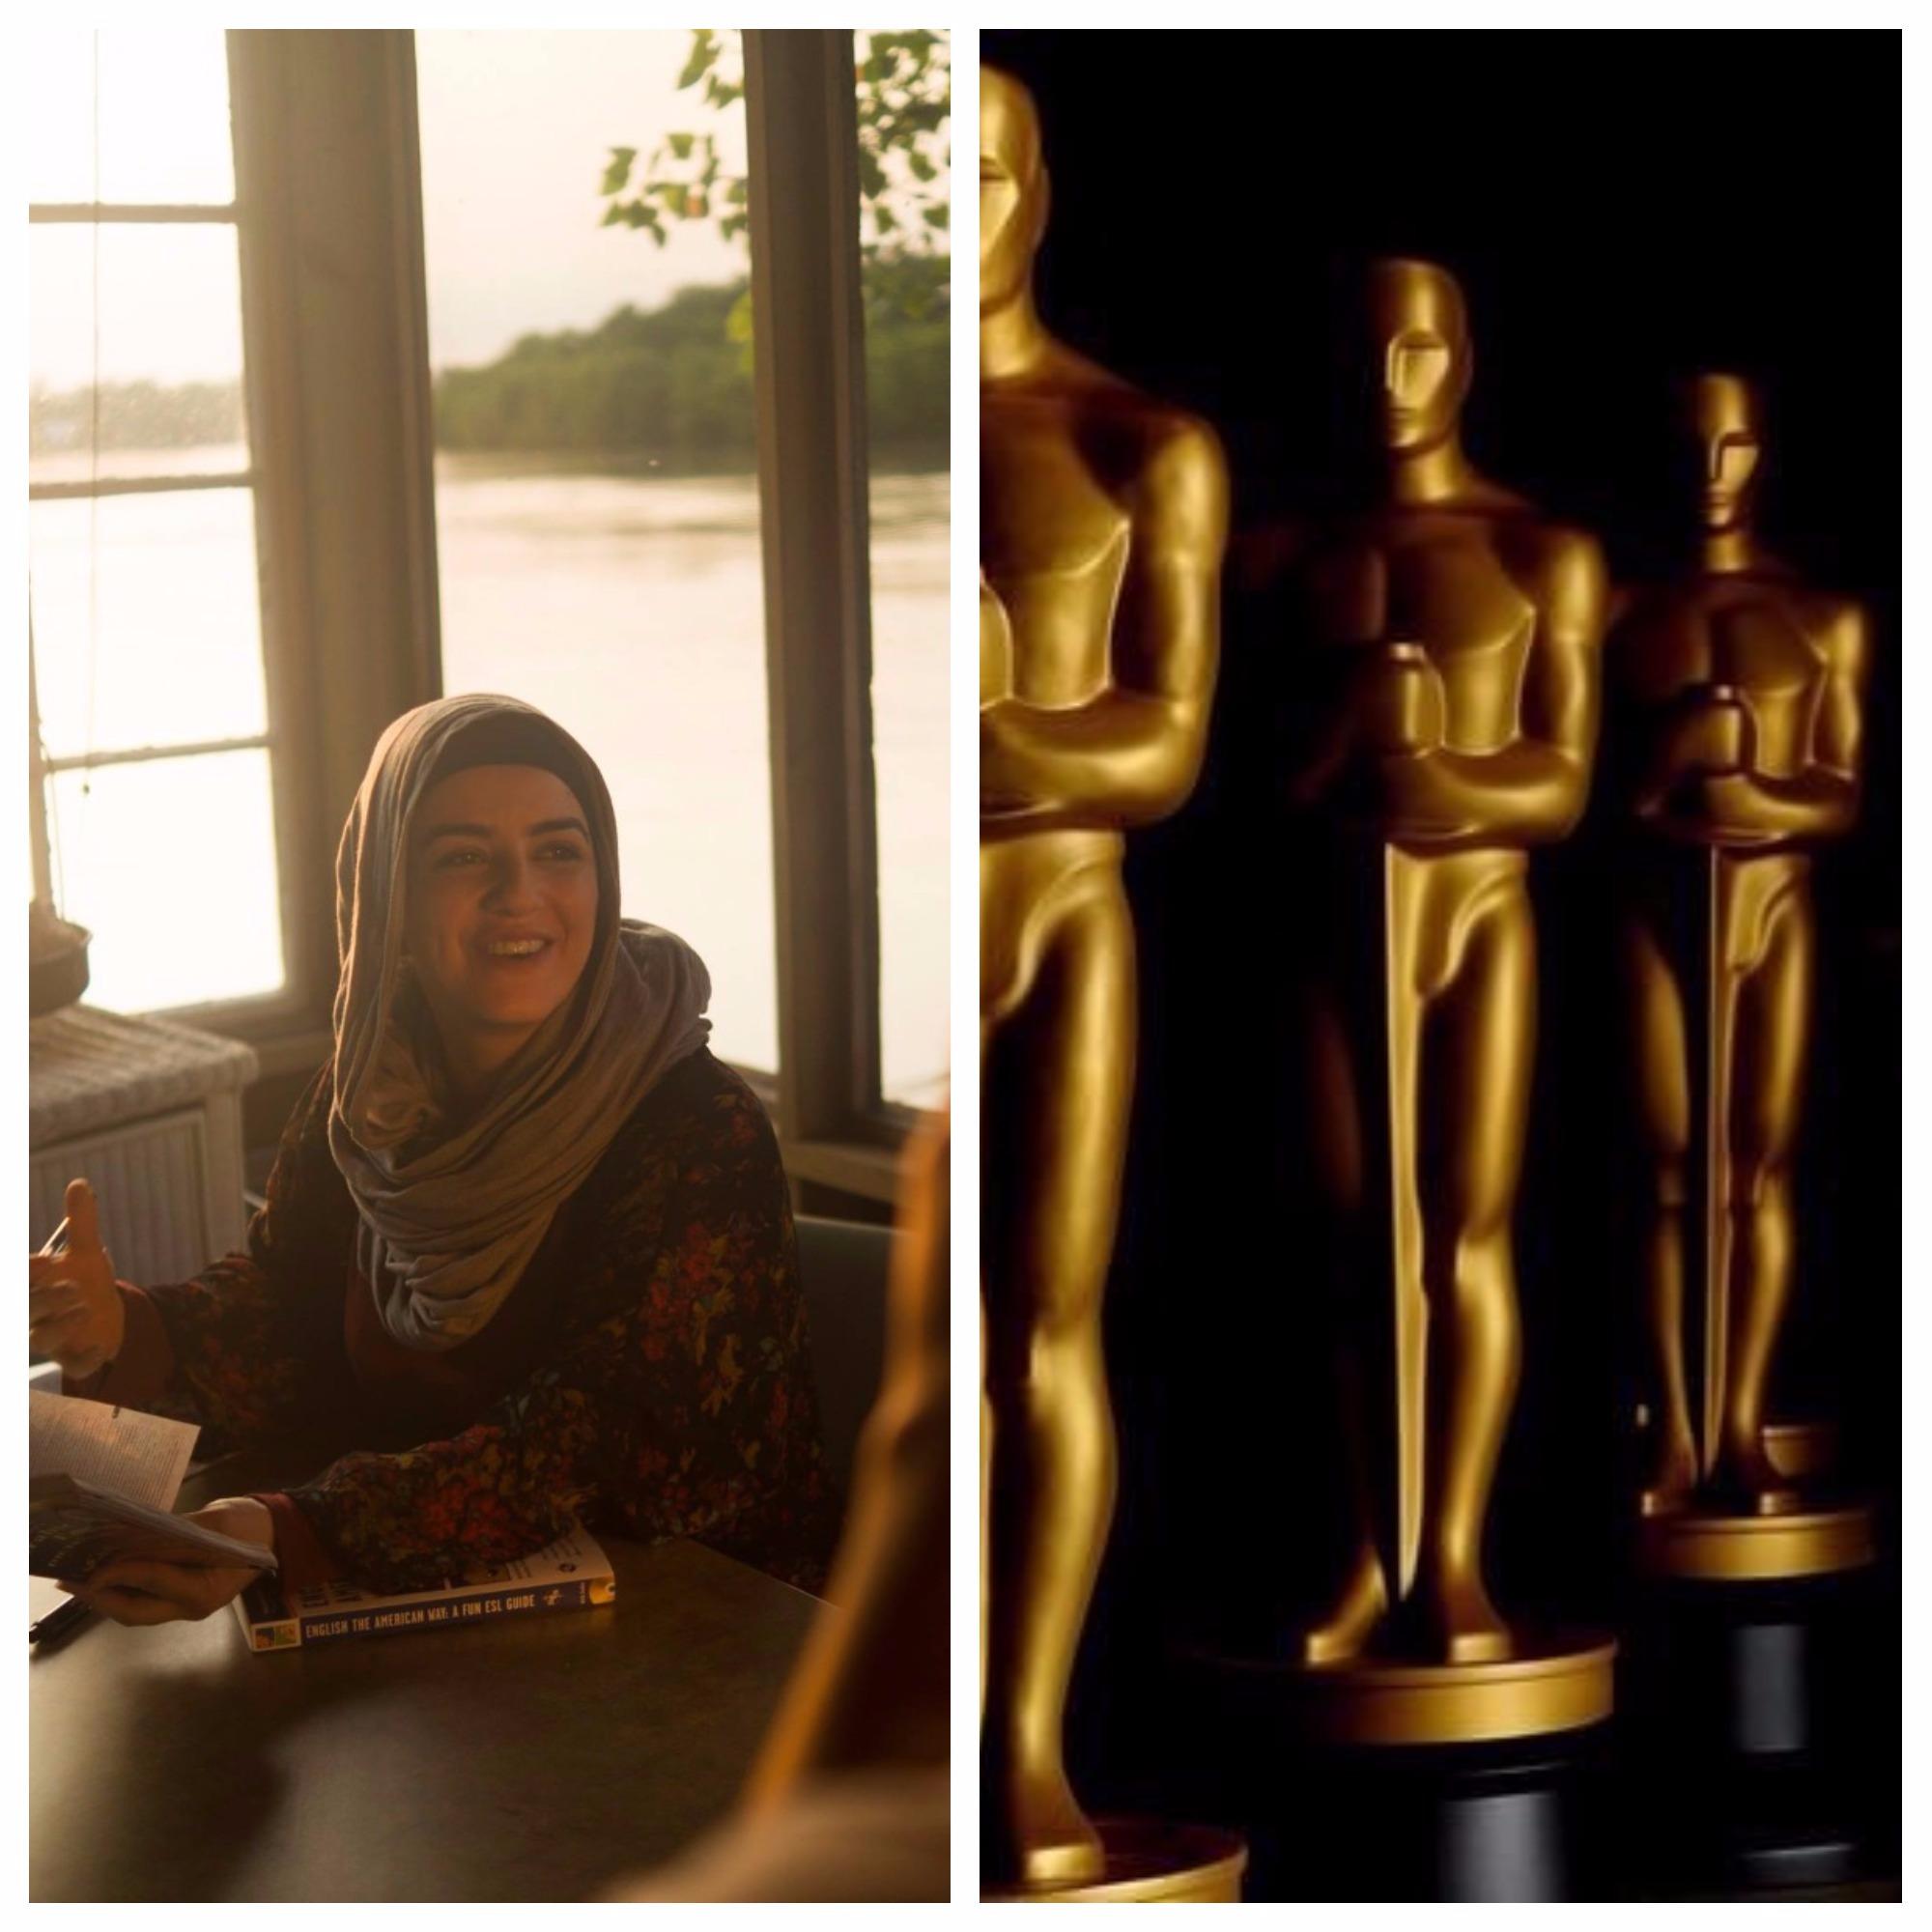 Oscar nom - Academy Awards Short List Prayer for My Heart